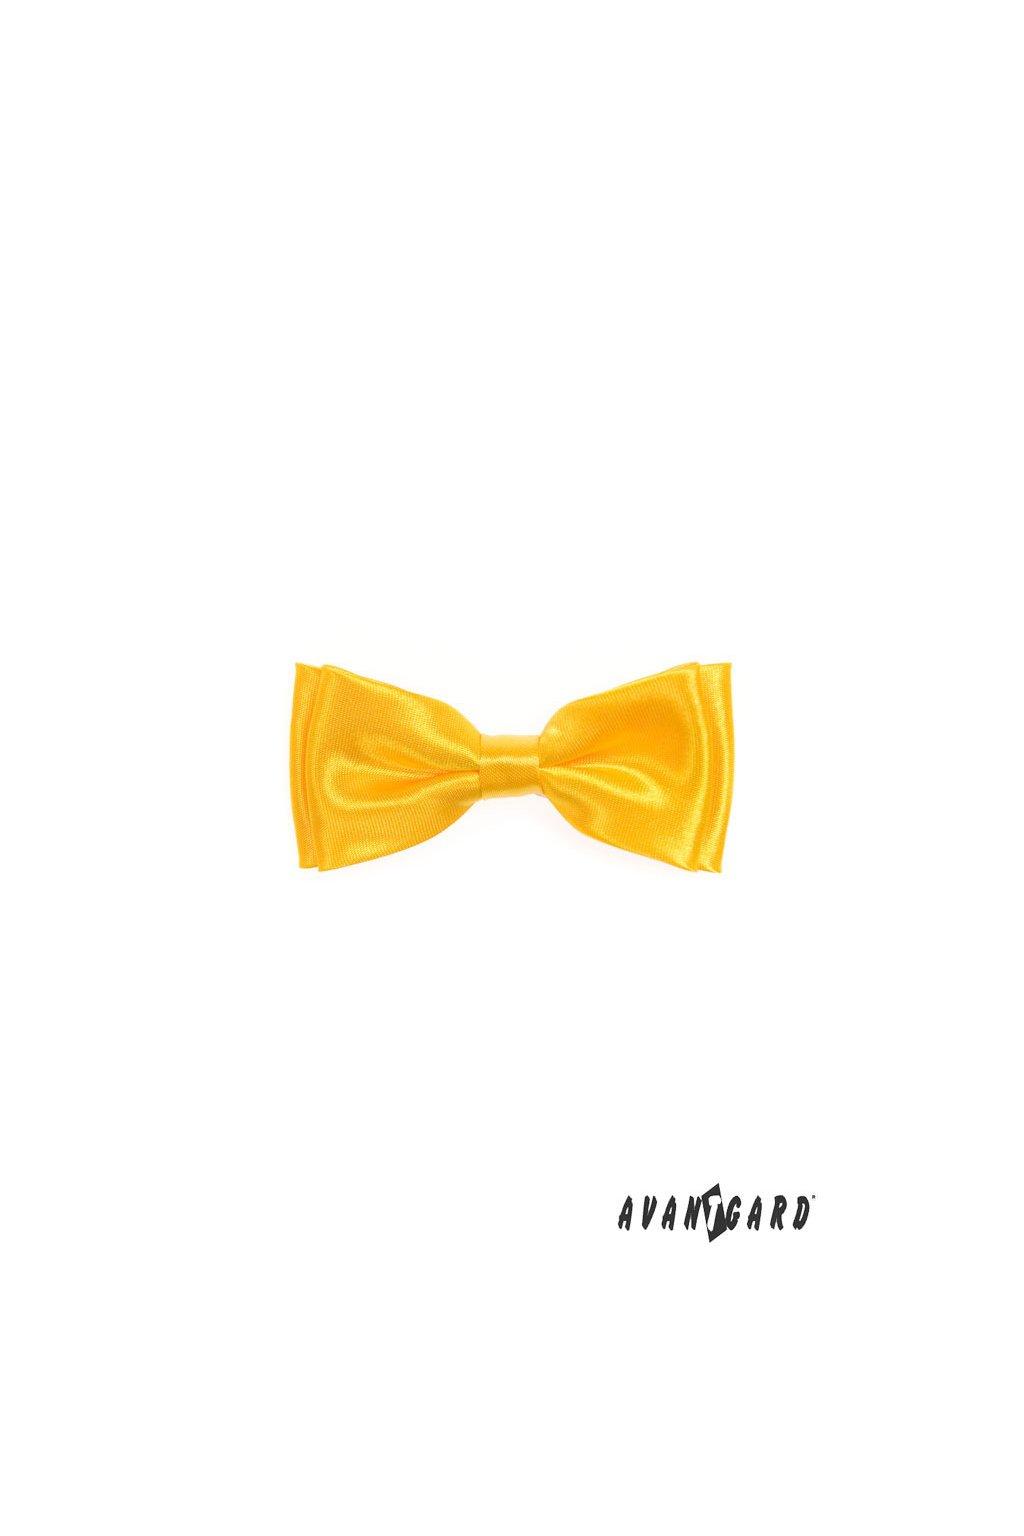 Chlapecký motýlek žlutý 533 - 770